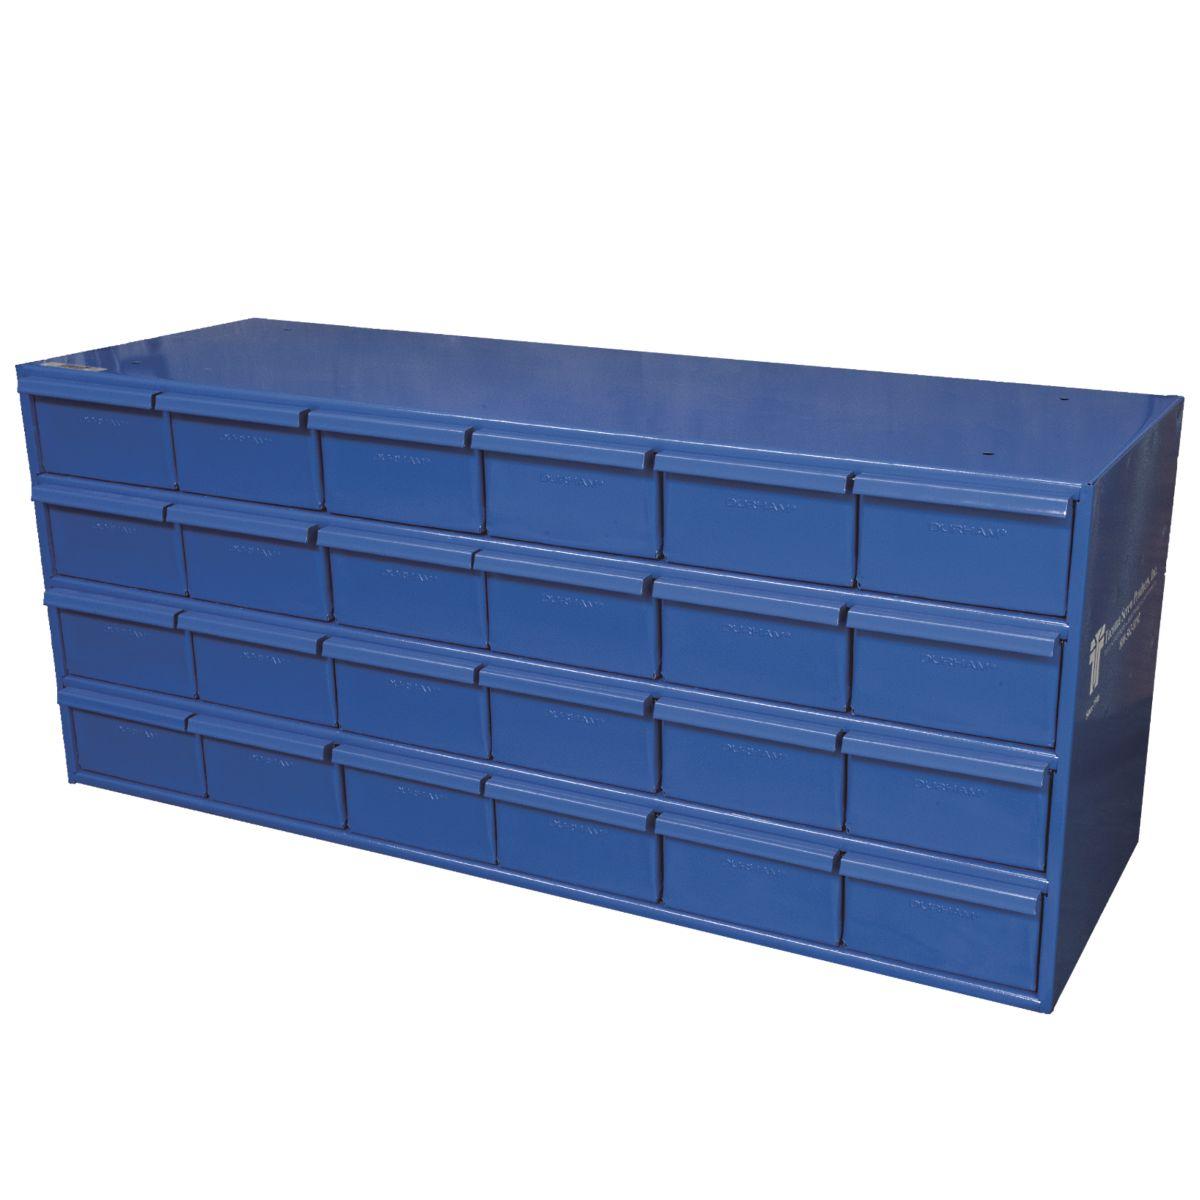 Durham 24-Drawer Storage Cabinet